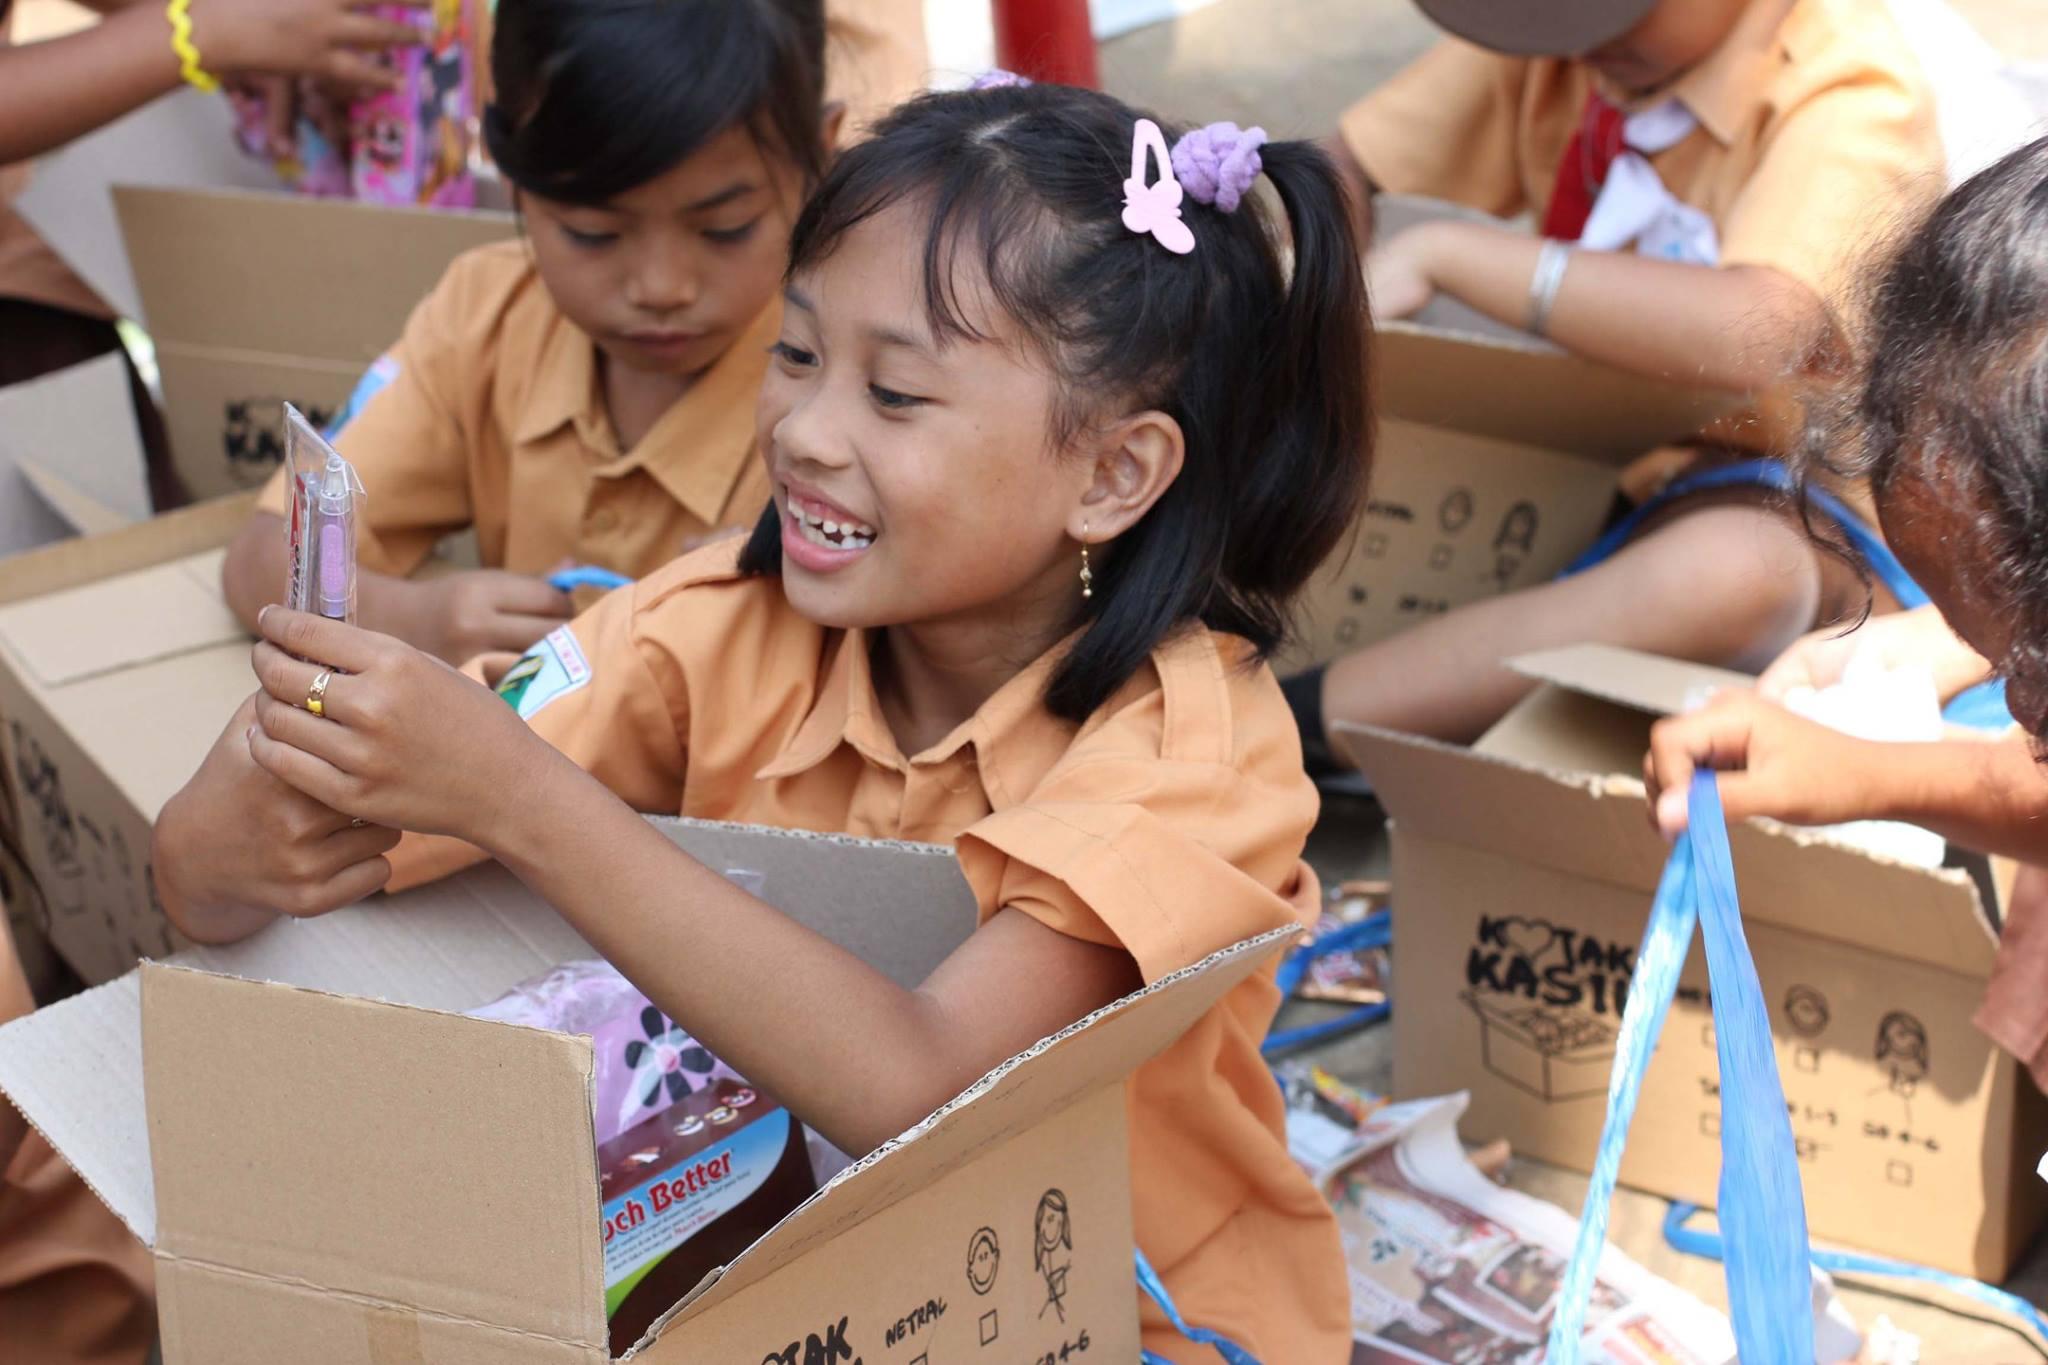 Compassion Box distribution